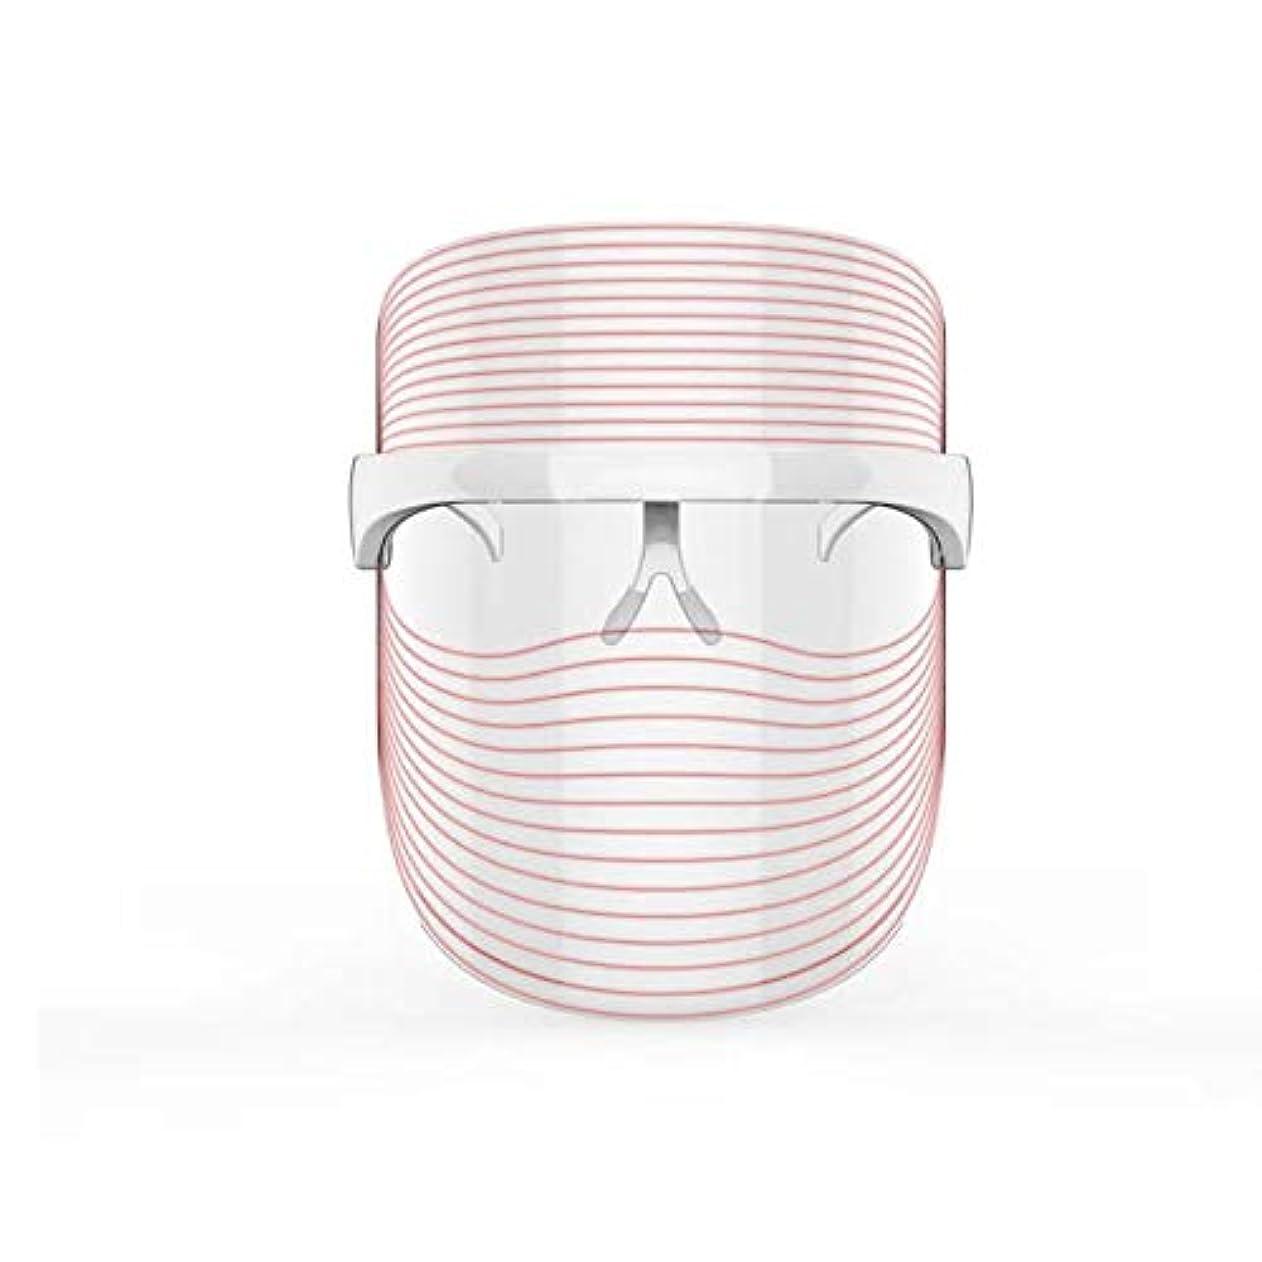 知覚的過激派オーバードロー3色LEDマスクフェイス&ネックネオン白熱LEDフェイスマスク電動フェイシャルスキンケアフェイススキンビューティー